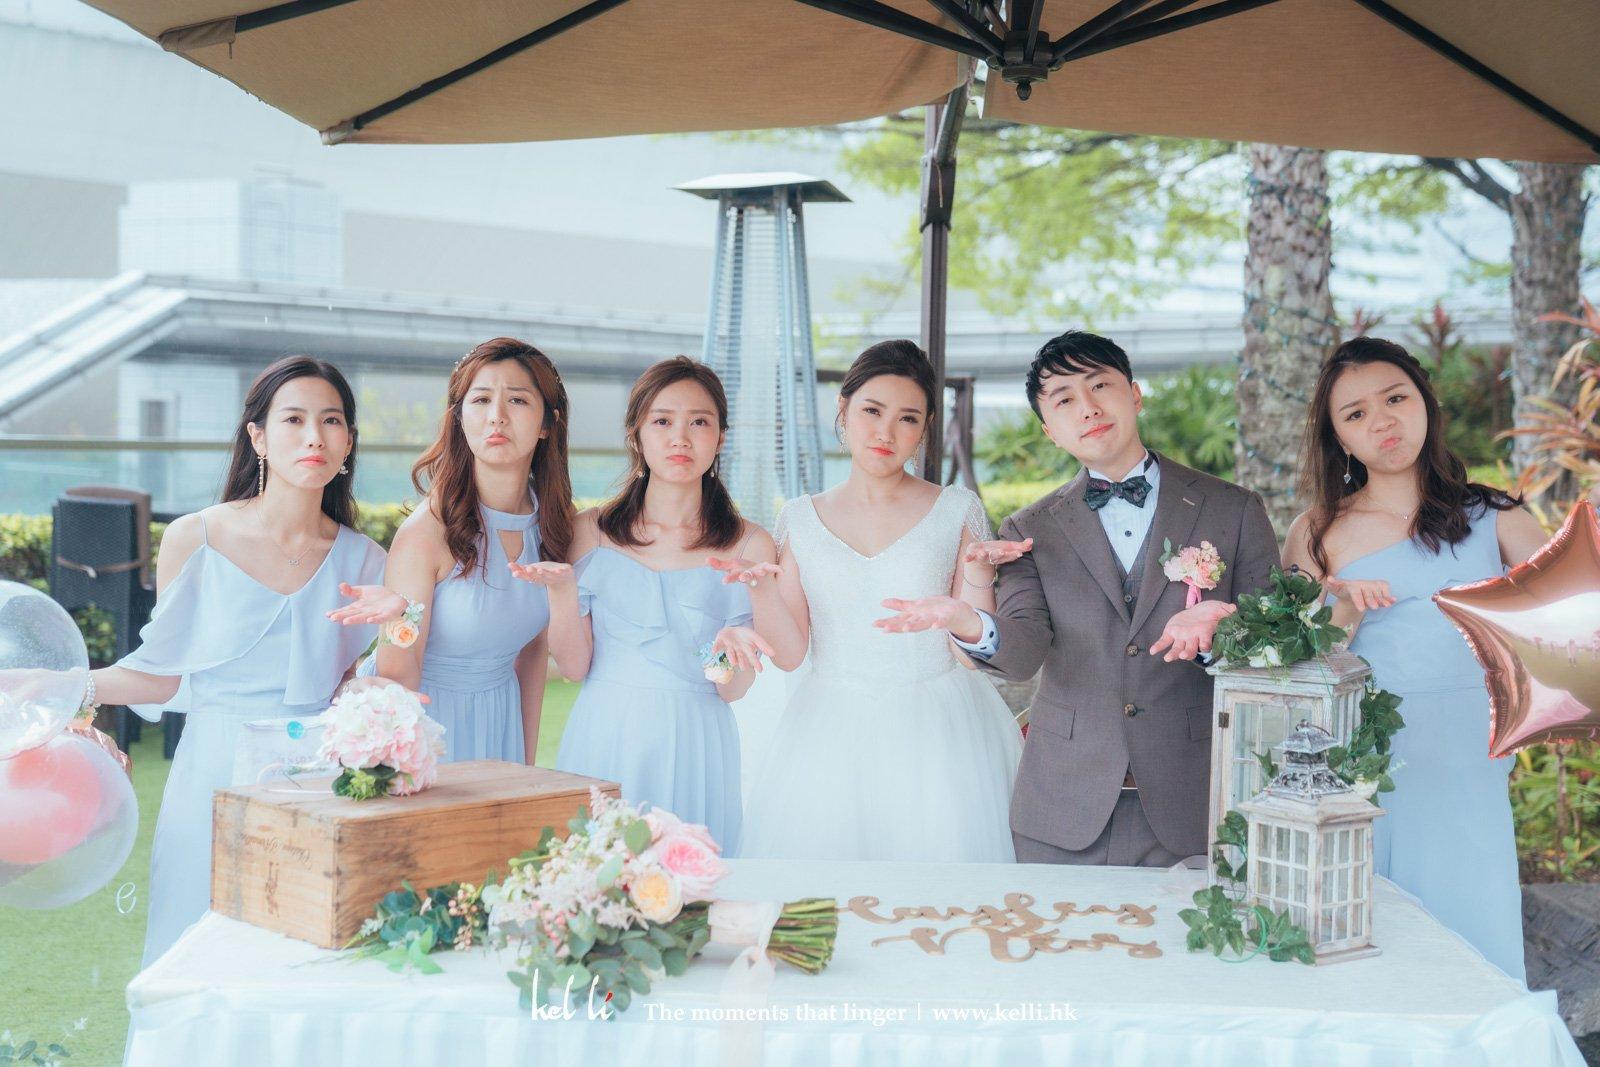 雨天婚禮,既無奈又可愛